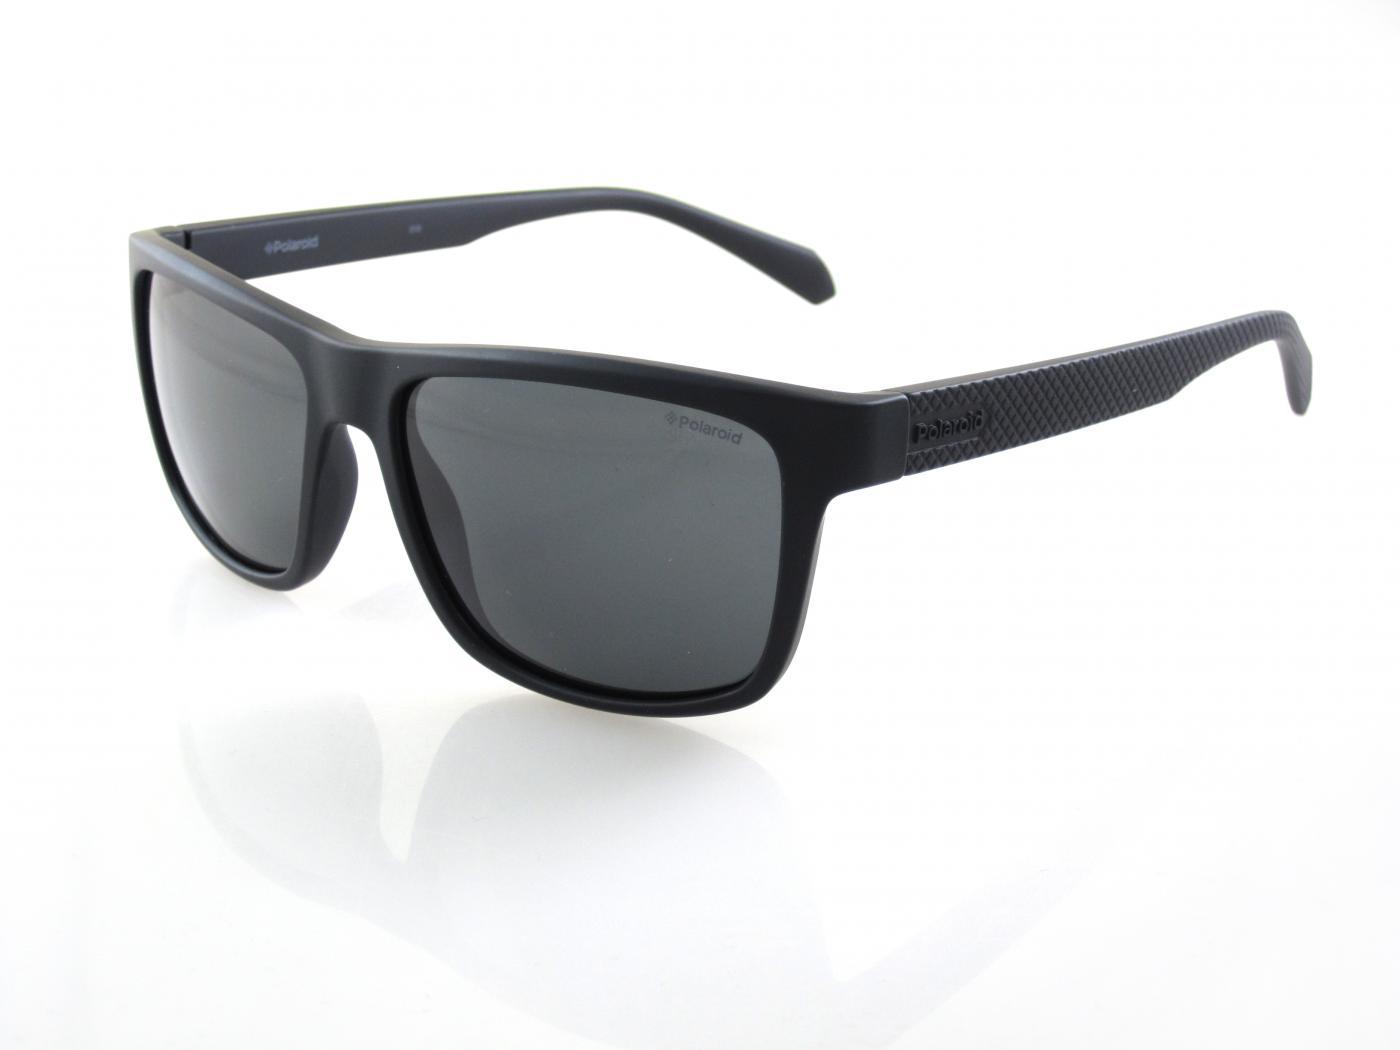 d623acc55 Pánske slnečné okuliare Polaroid   oftalens.sk